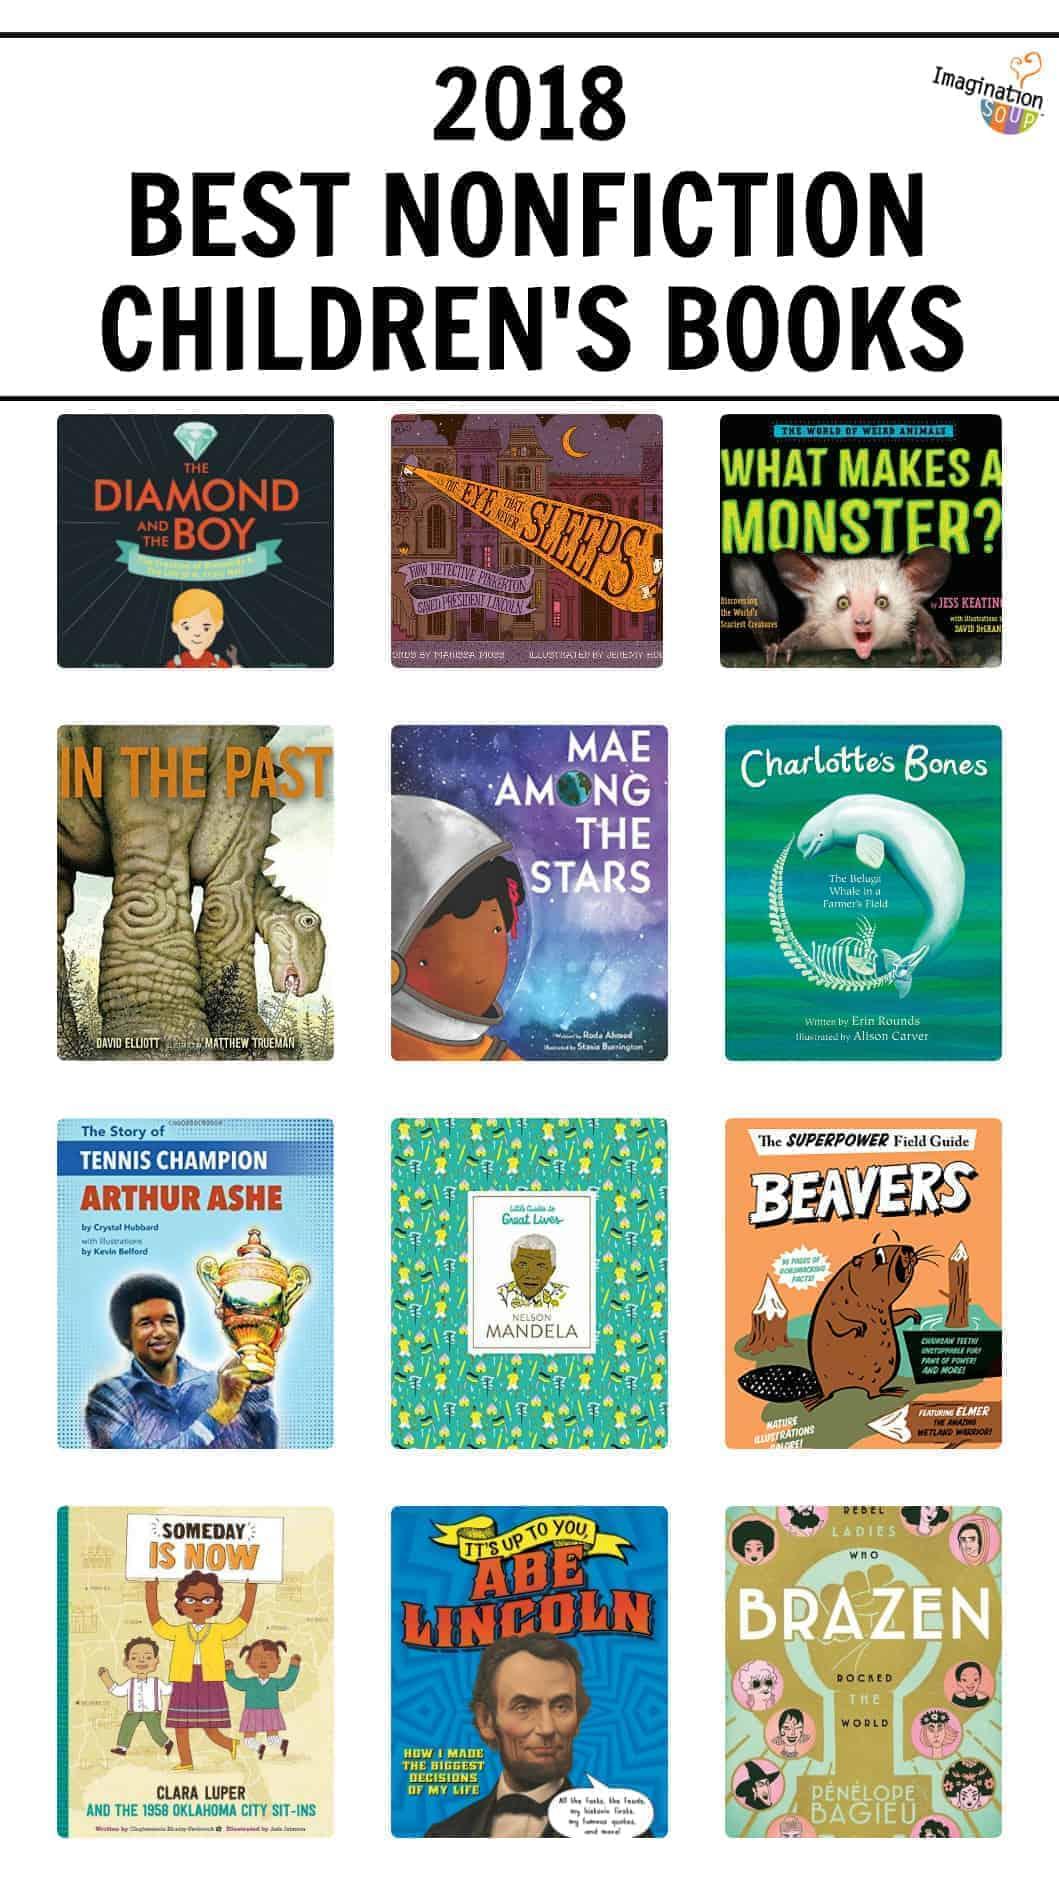 2018 best nonfiction childrens books